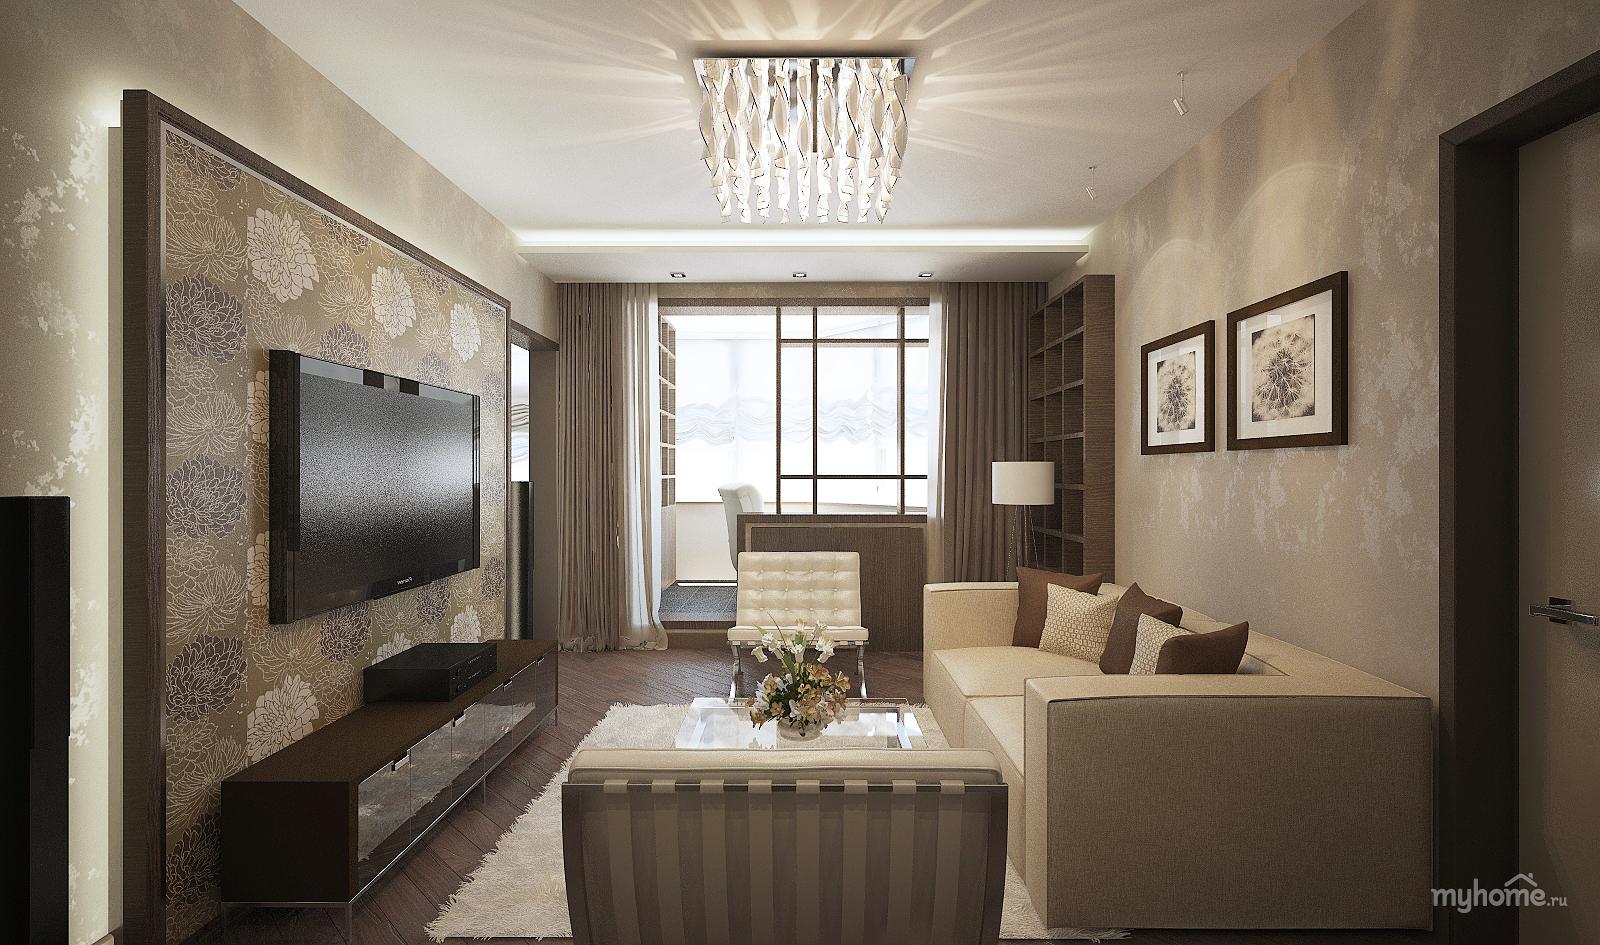 Дизайны трехкомнатной квартиры в дом